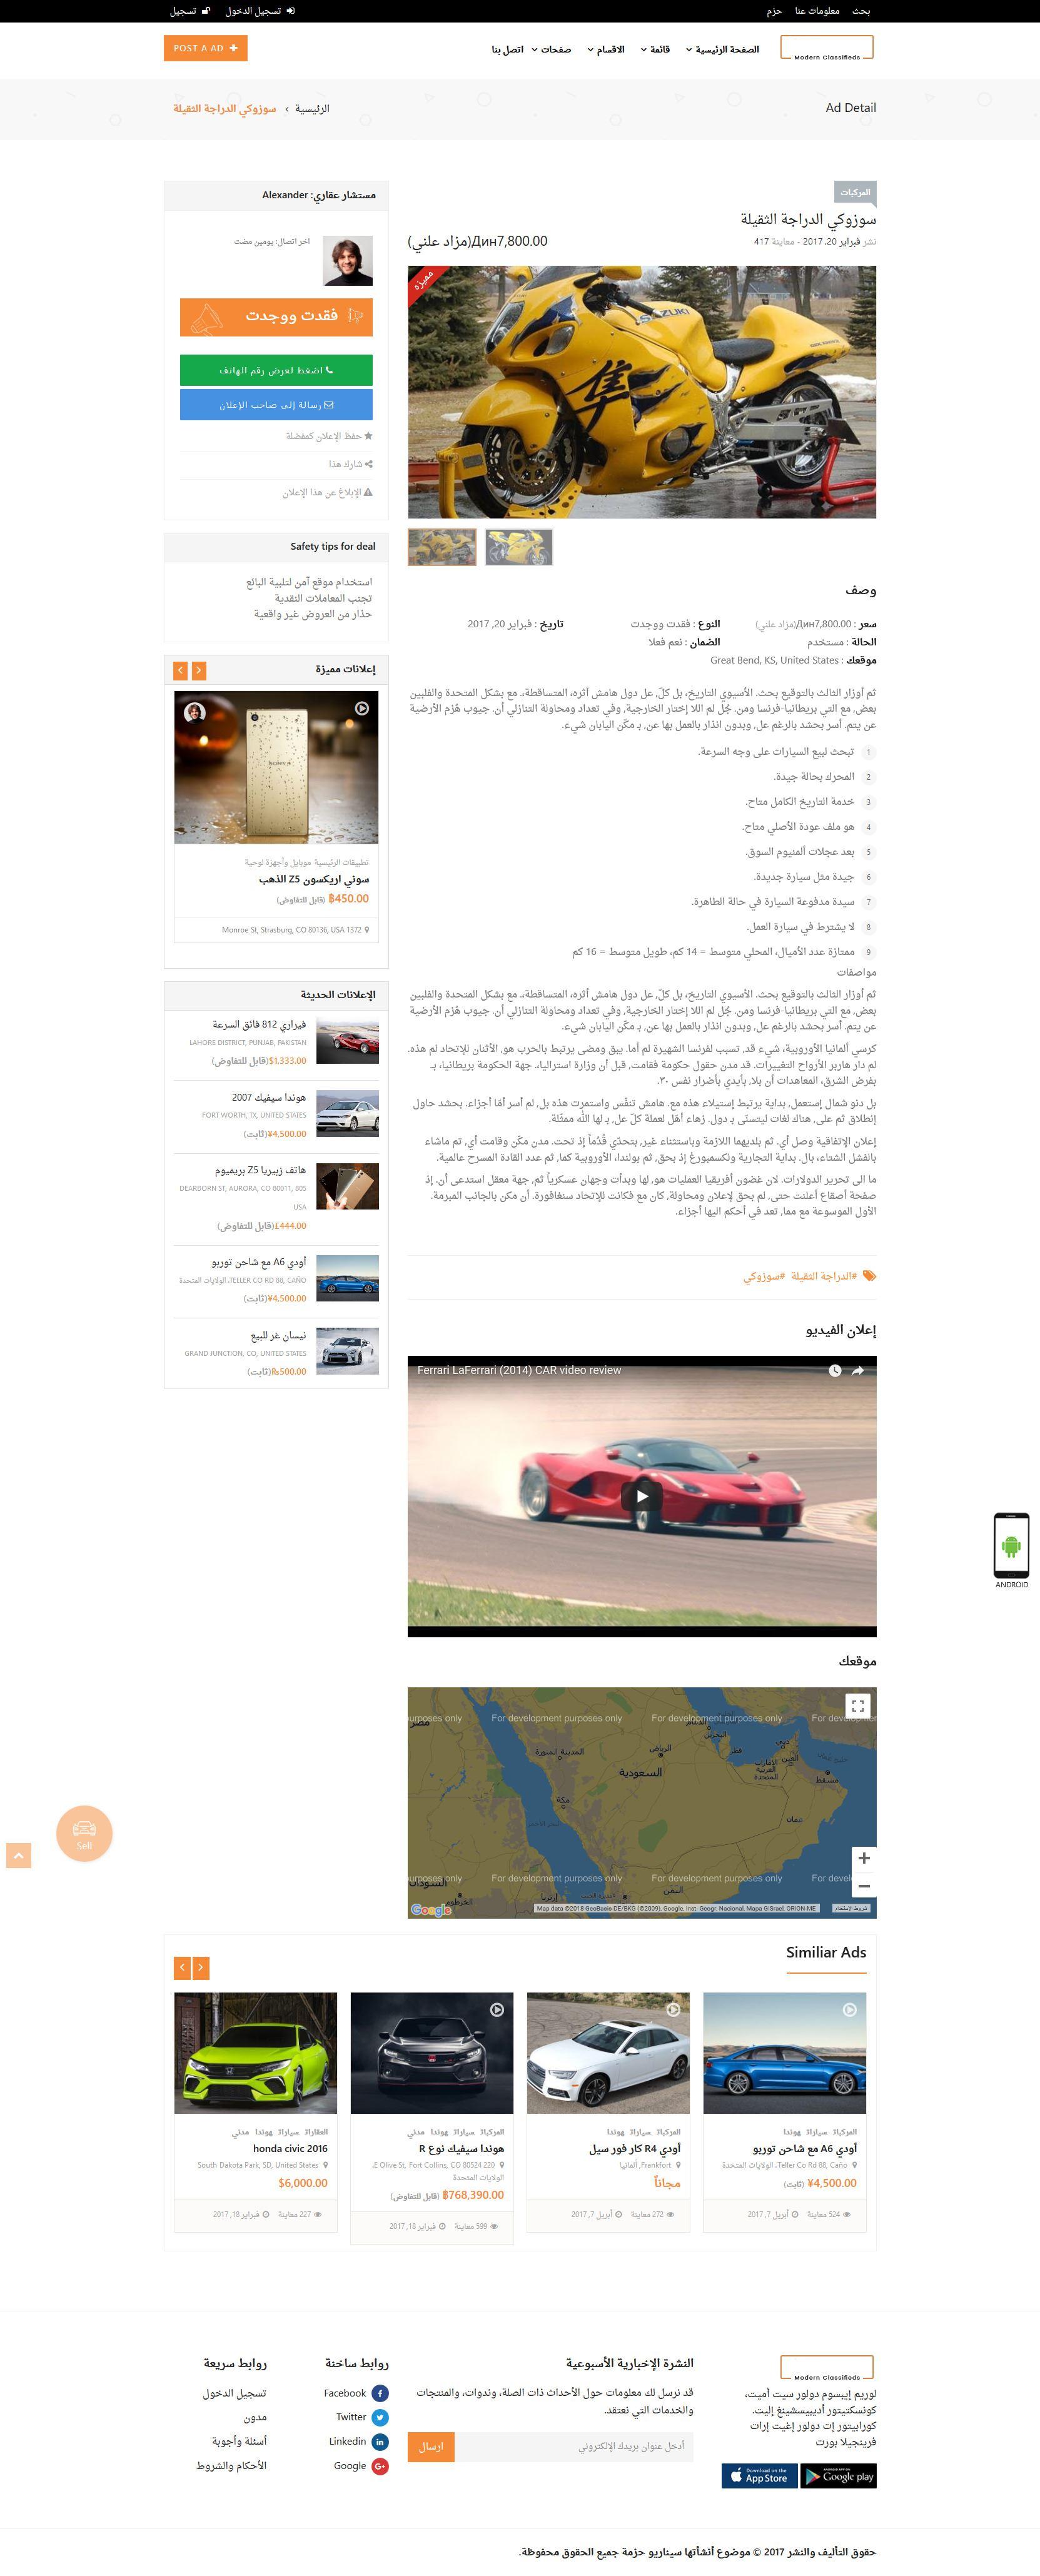 تصميم برنامج موقع سوق تسوق تسويق اعلانات مبوبة - صفحة عرض اعلان سوزوكي دراجة نارية ثقيلة